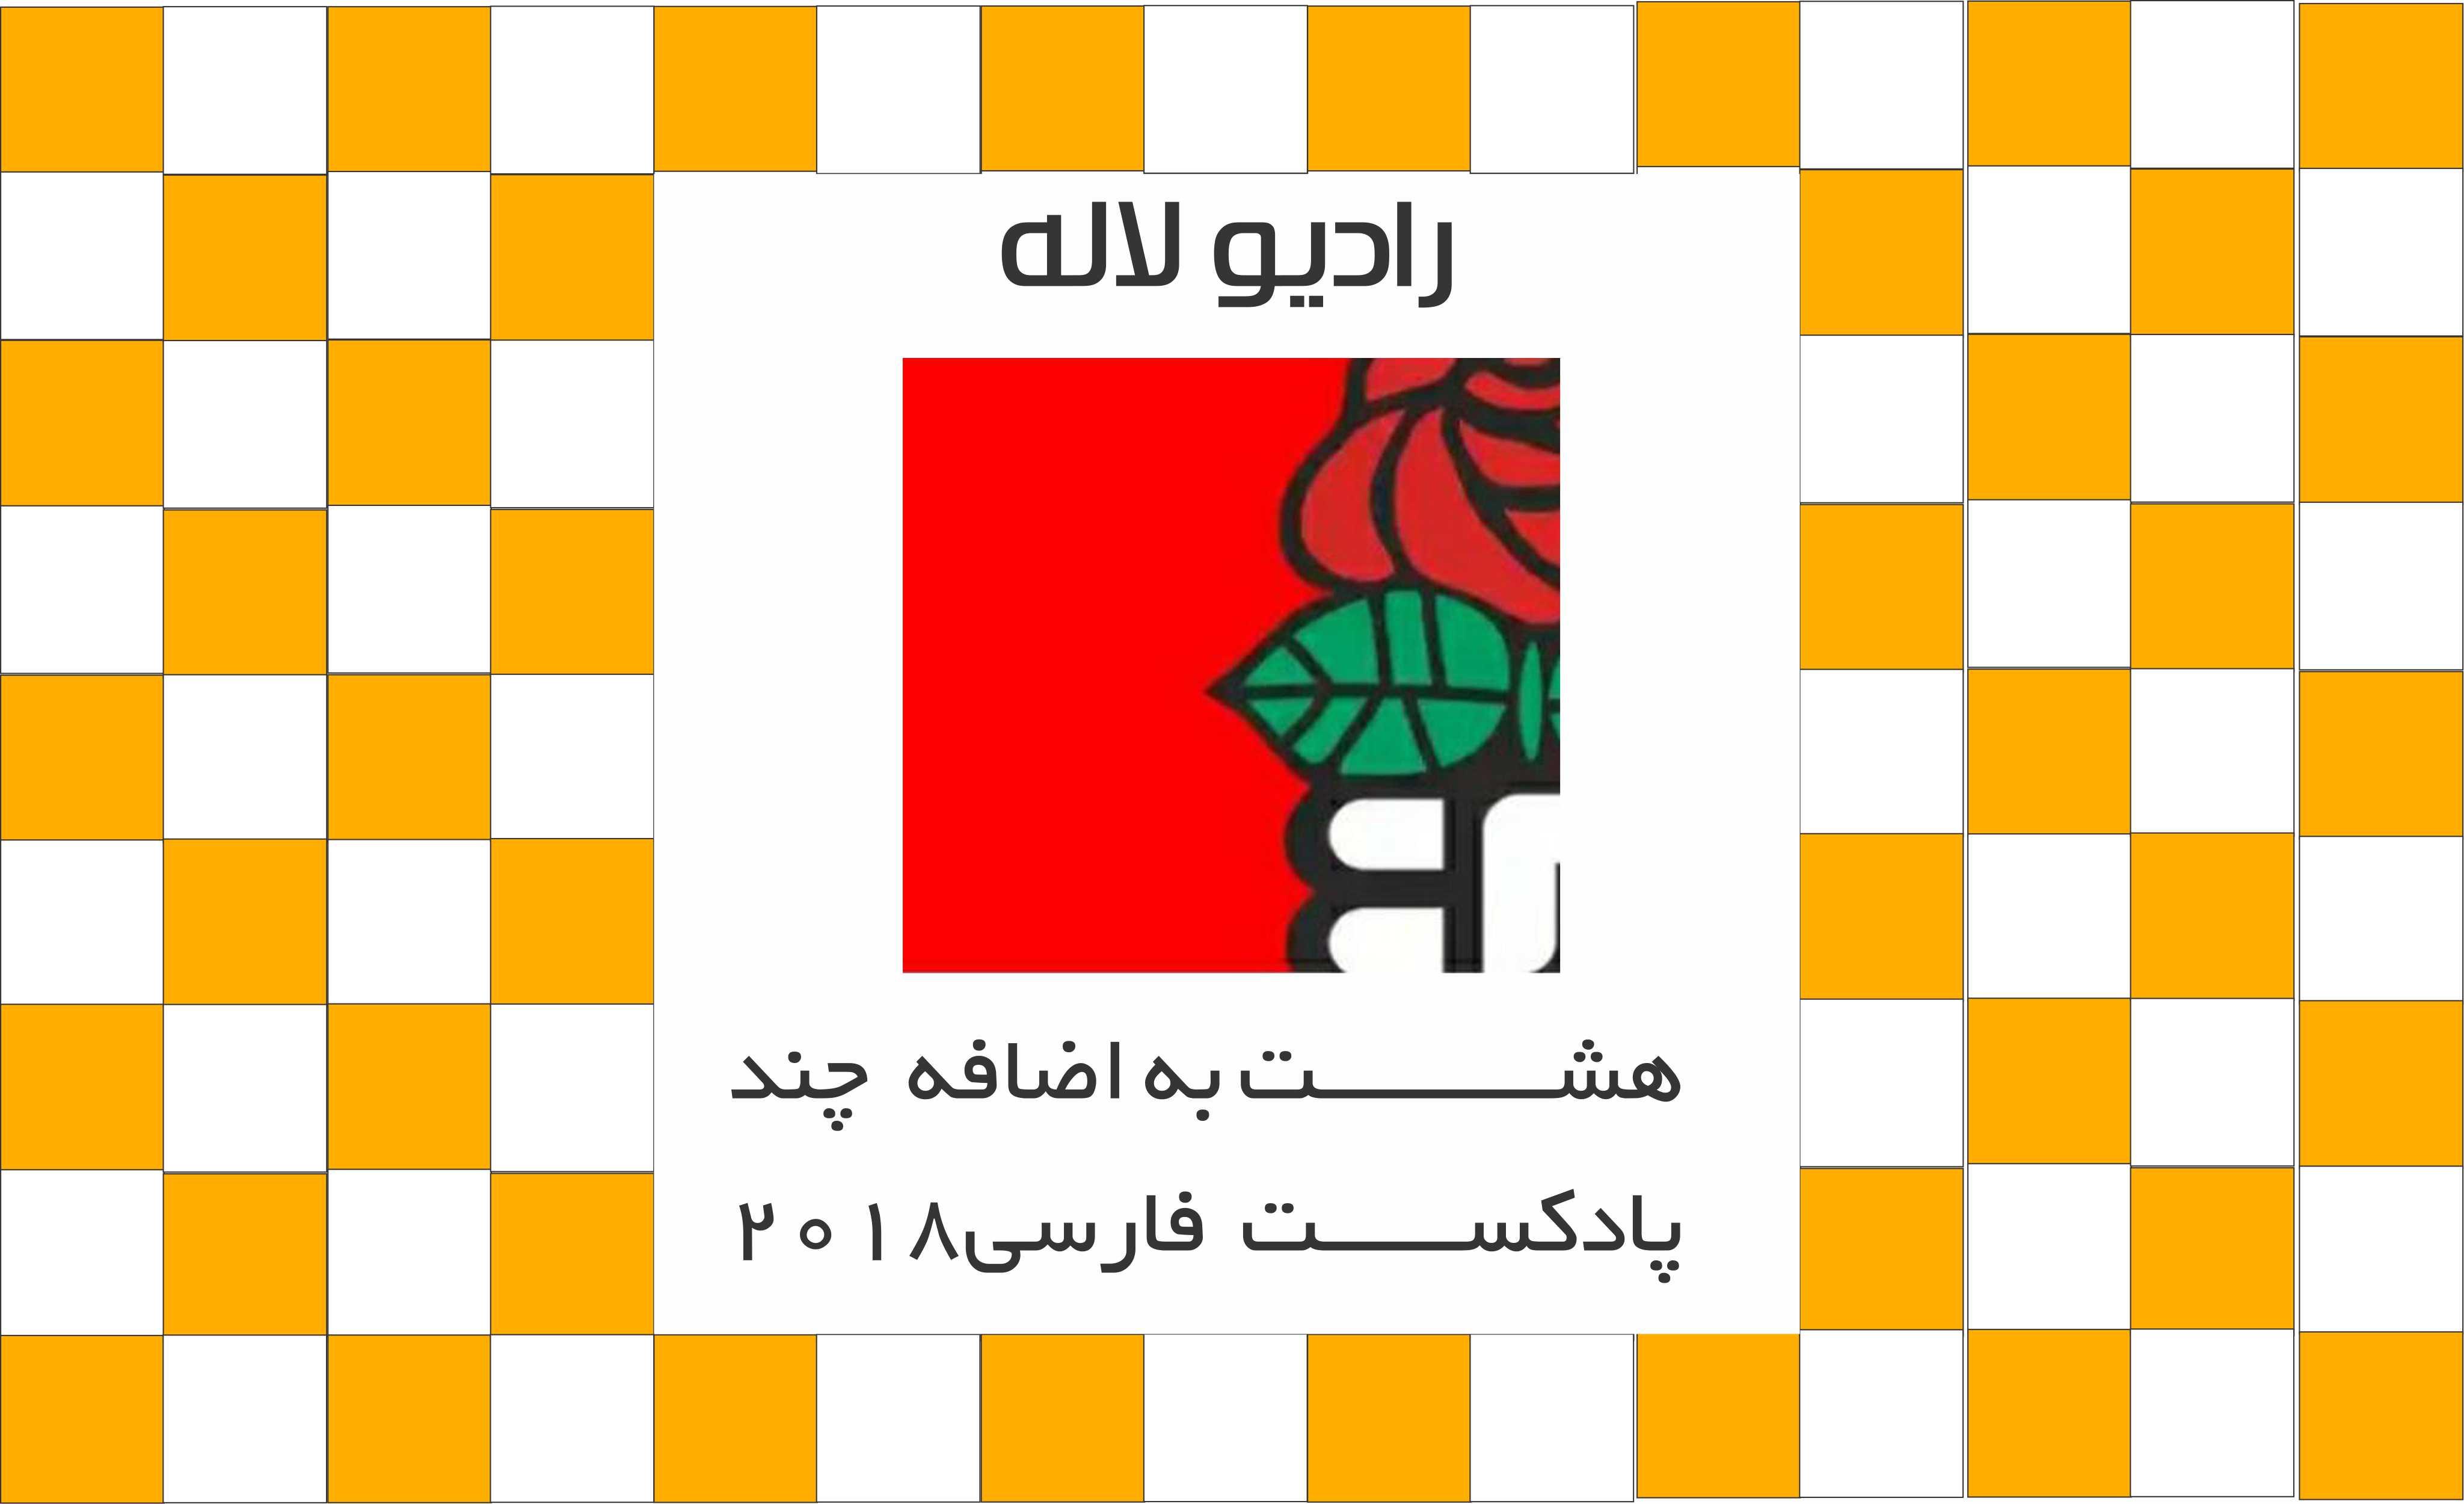 هشت به اضافه چند پادکست فارسی 2018